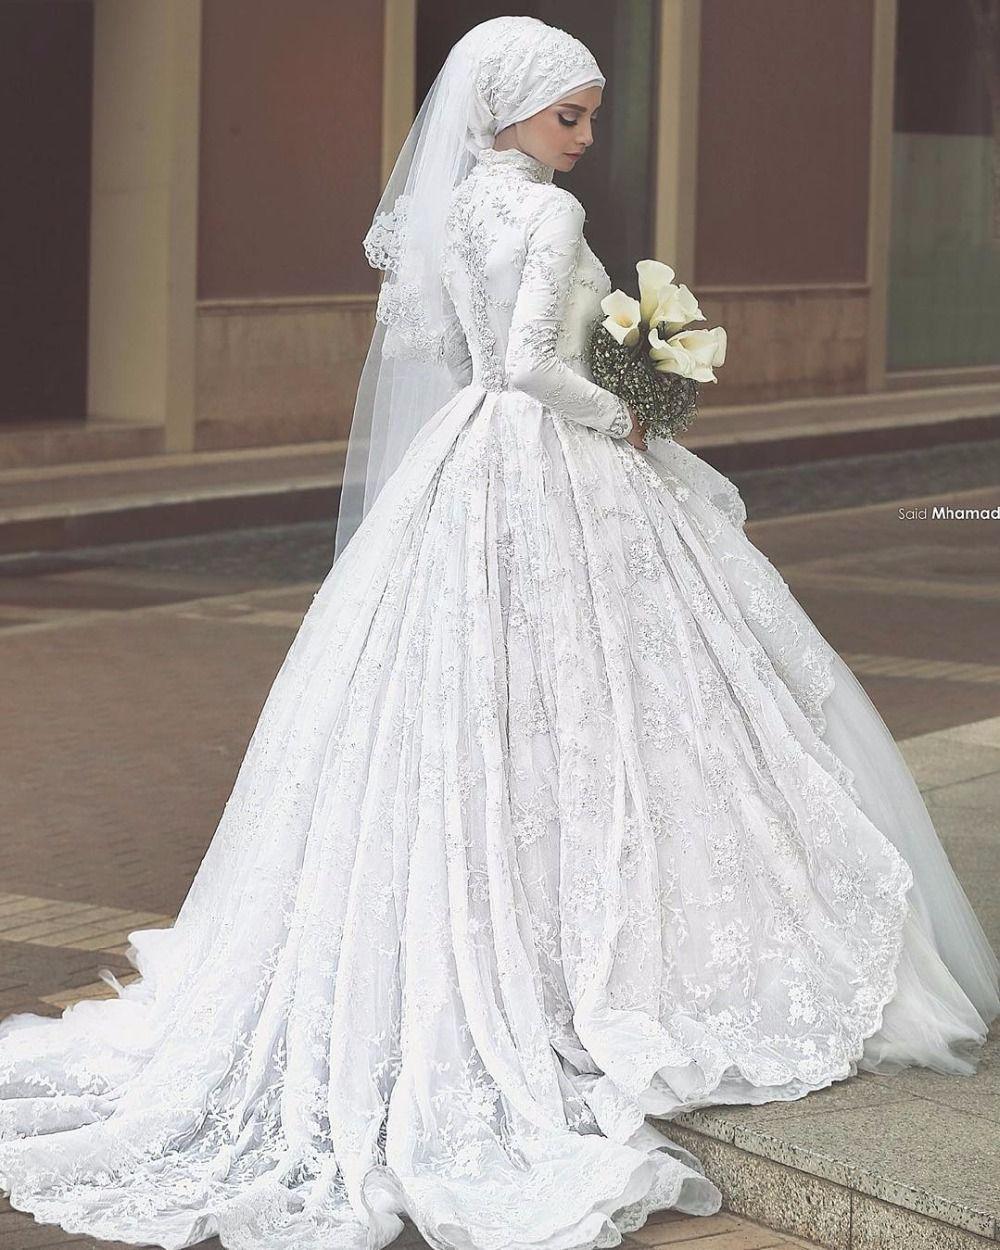 Hijab Hochzeitskleid - robe-orientale.com  Hijab hochzeitskleider